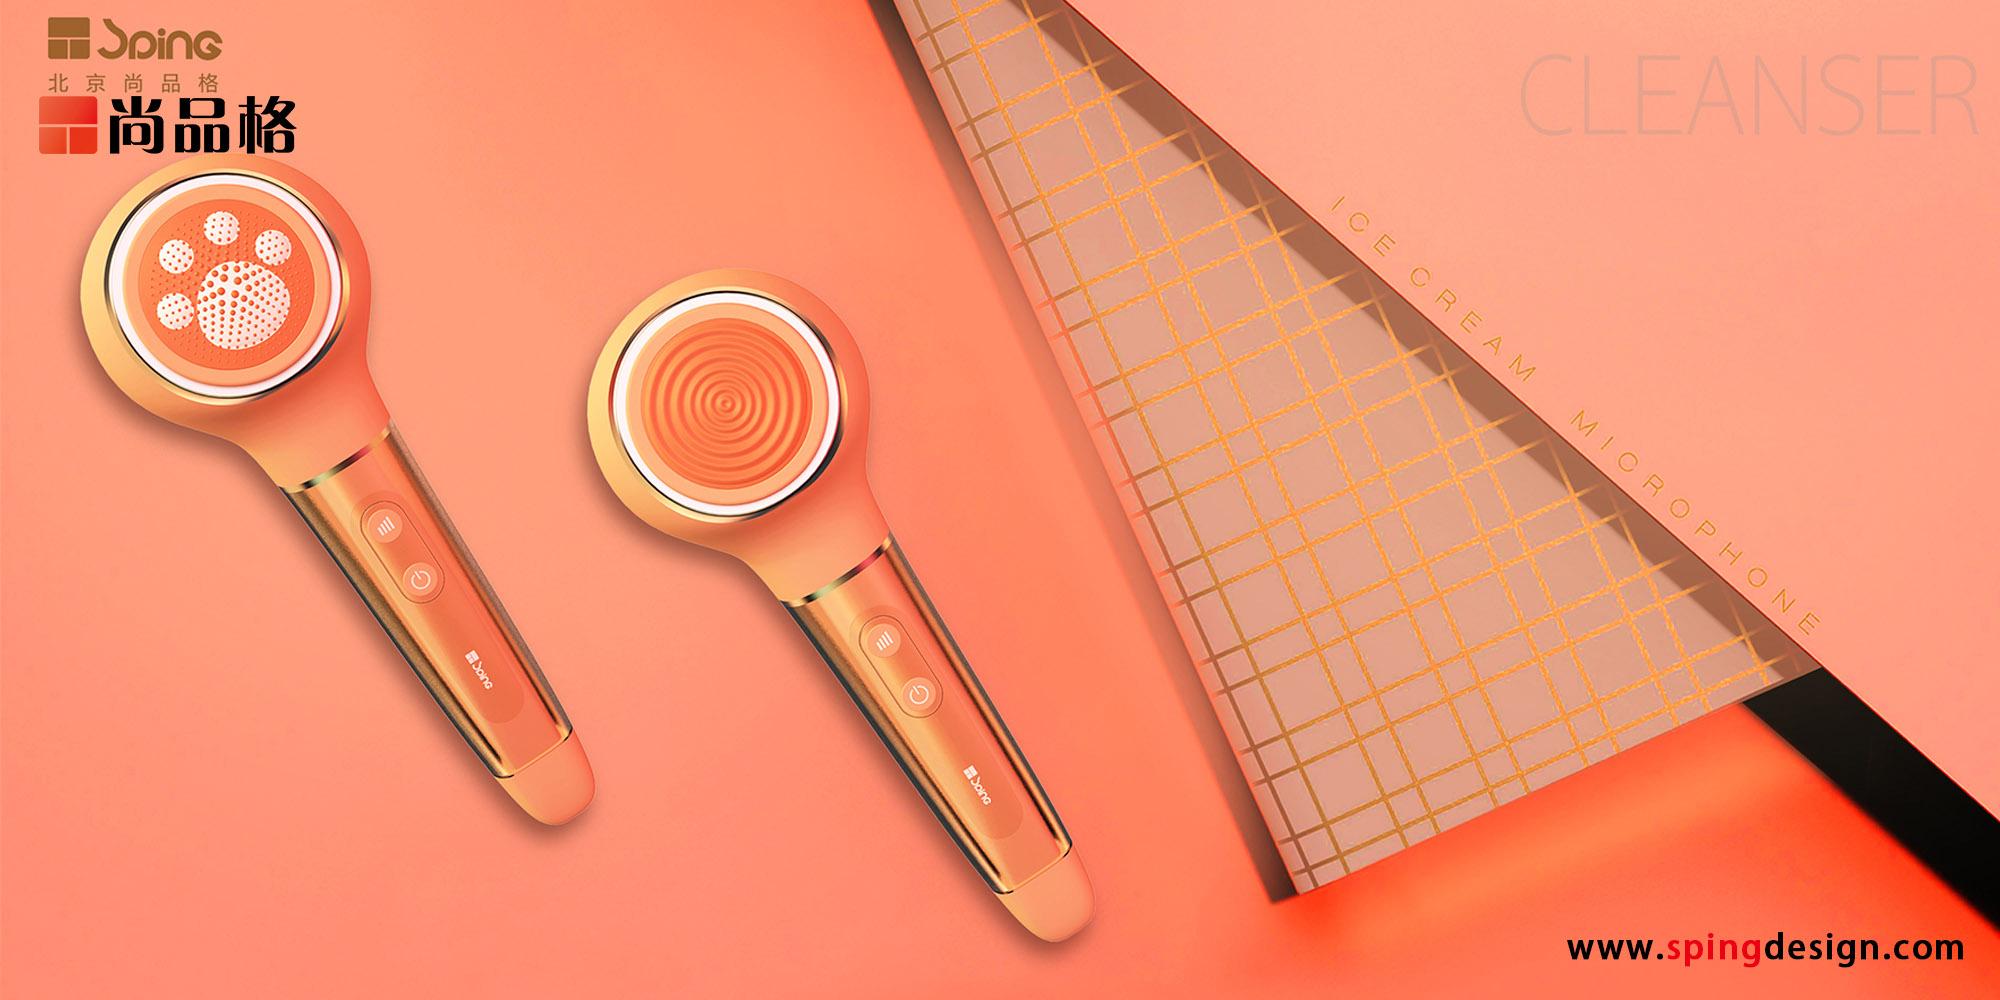 个人护理产品结构设计美容仪外观外开设计洁面仪导入导出工业仪器